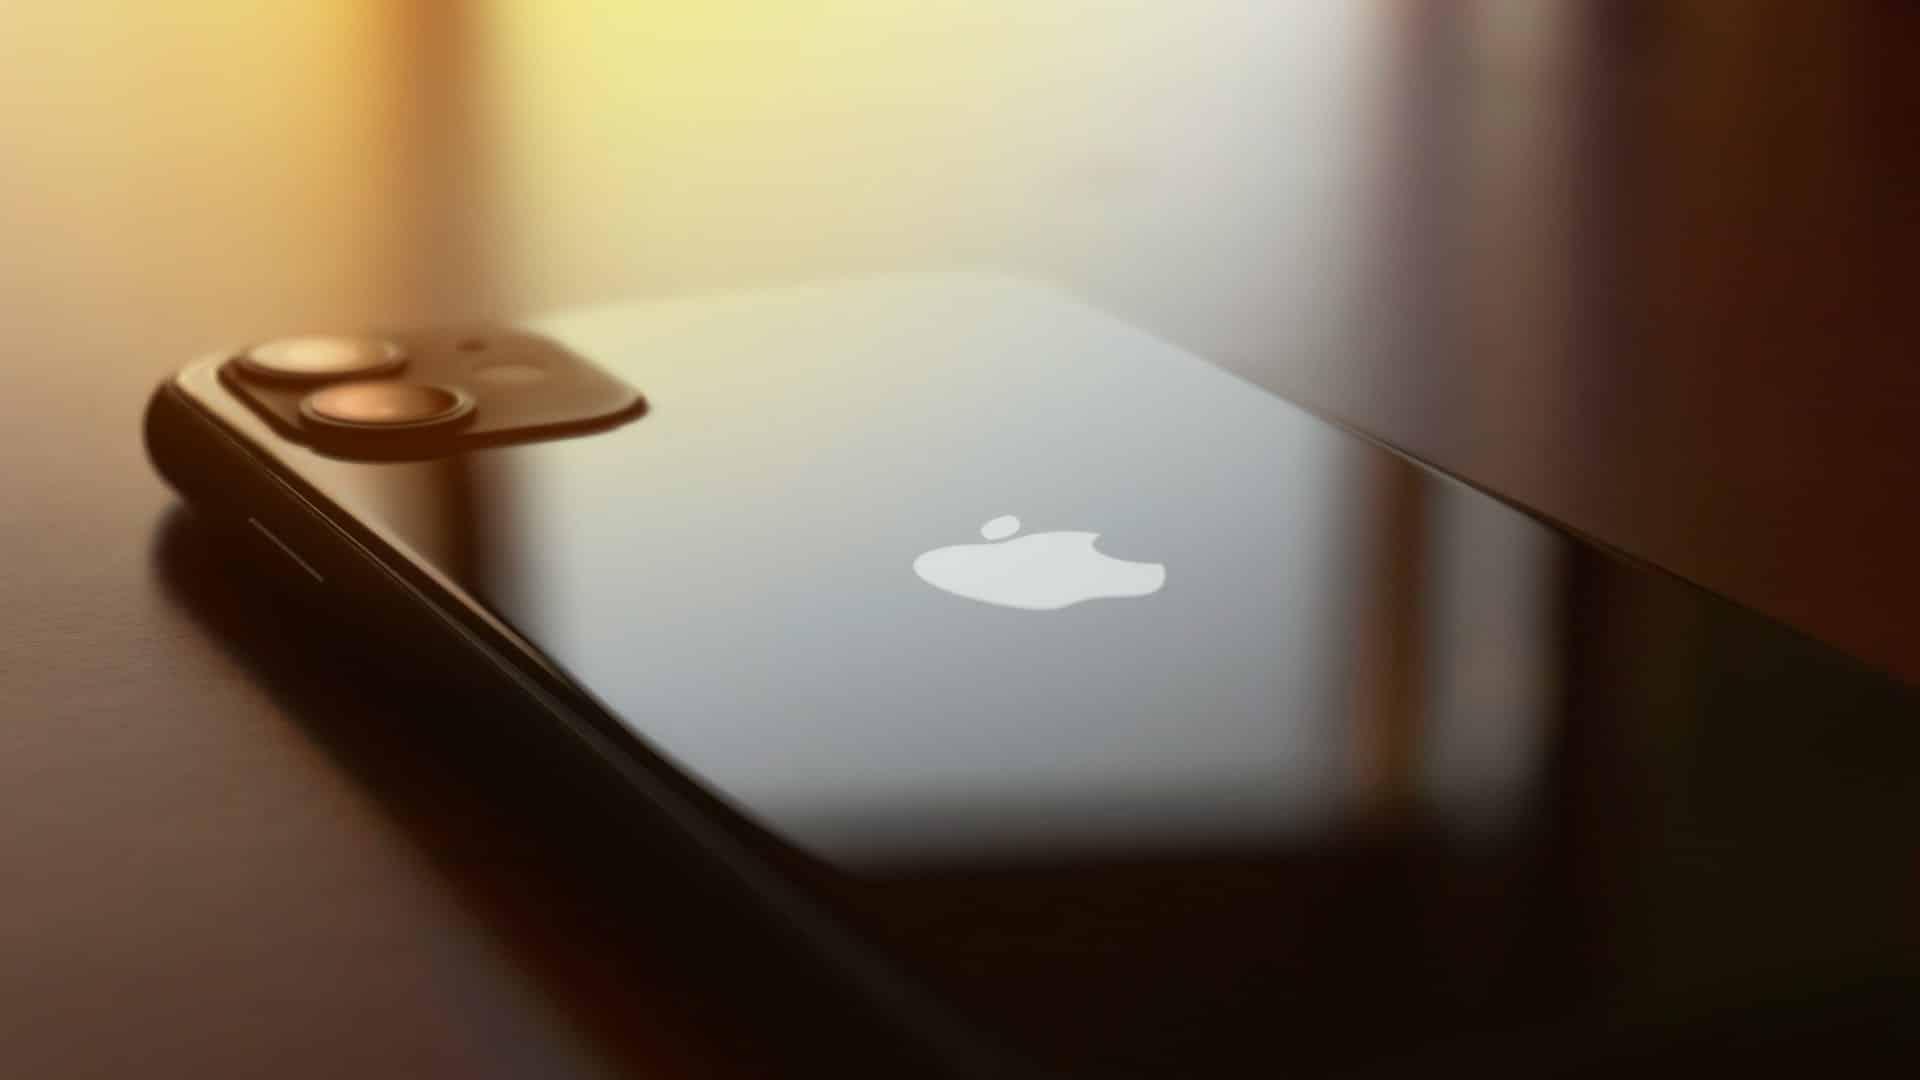 Phone Repair 101 Header Image